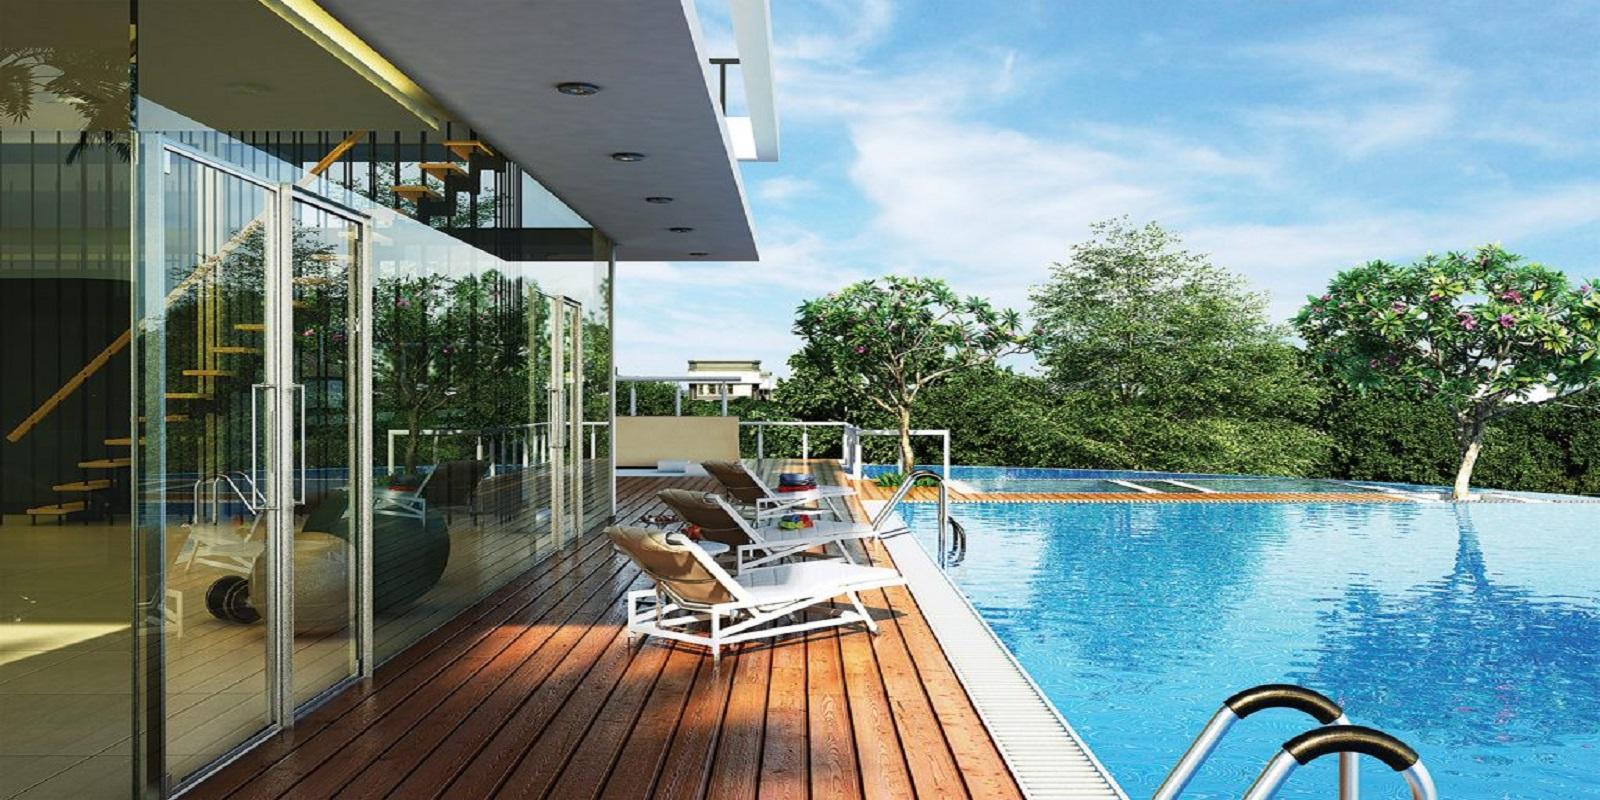 birla apple aroma amenities features8